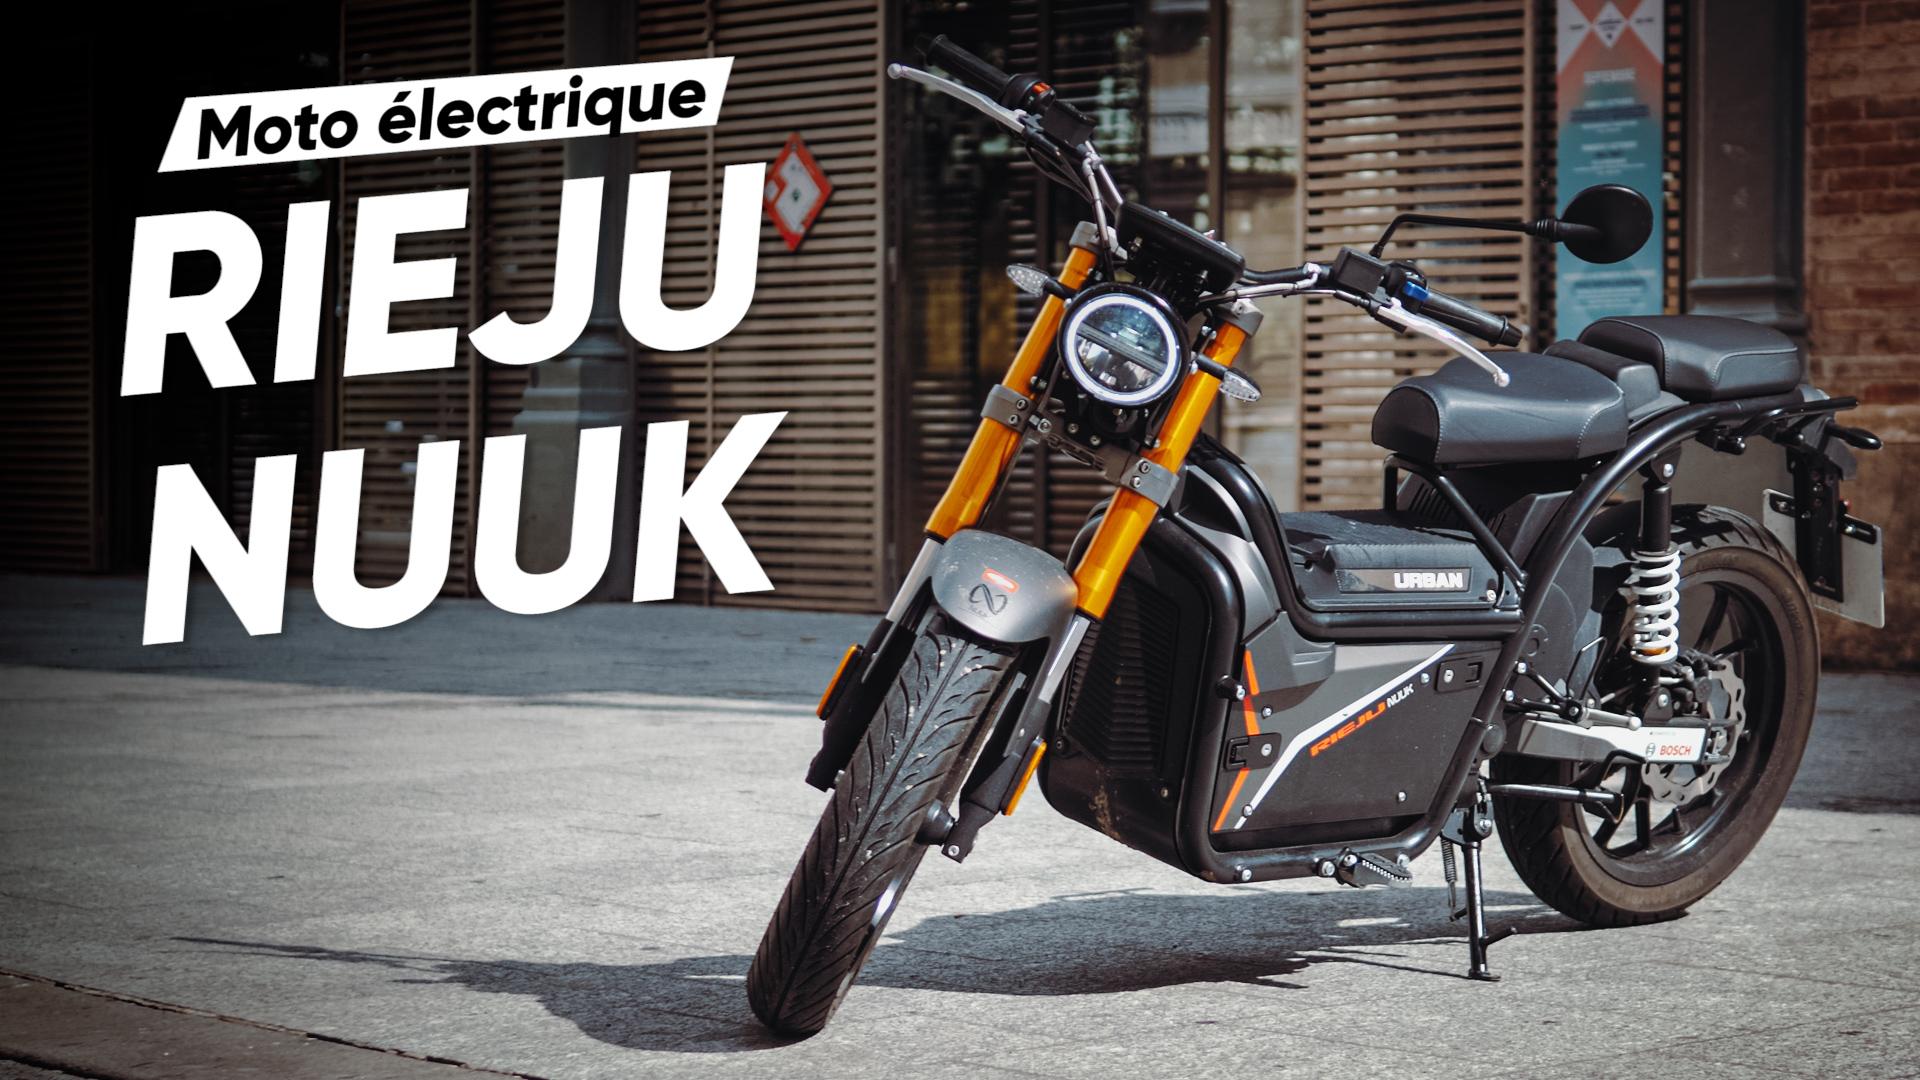 RIEJU Nuuk : on a testé la moto électrique frénétique au look vintage